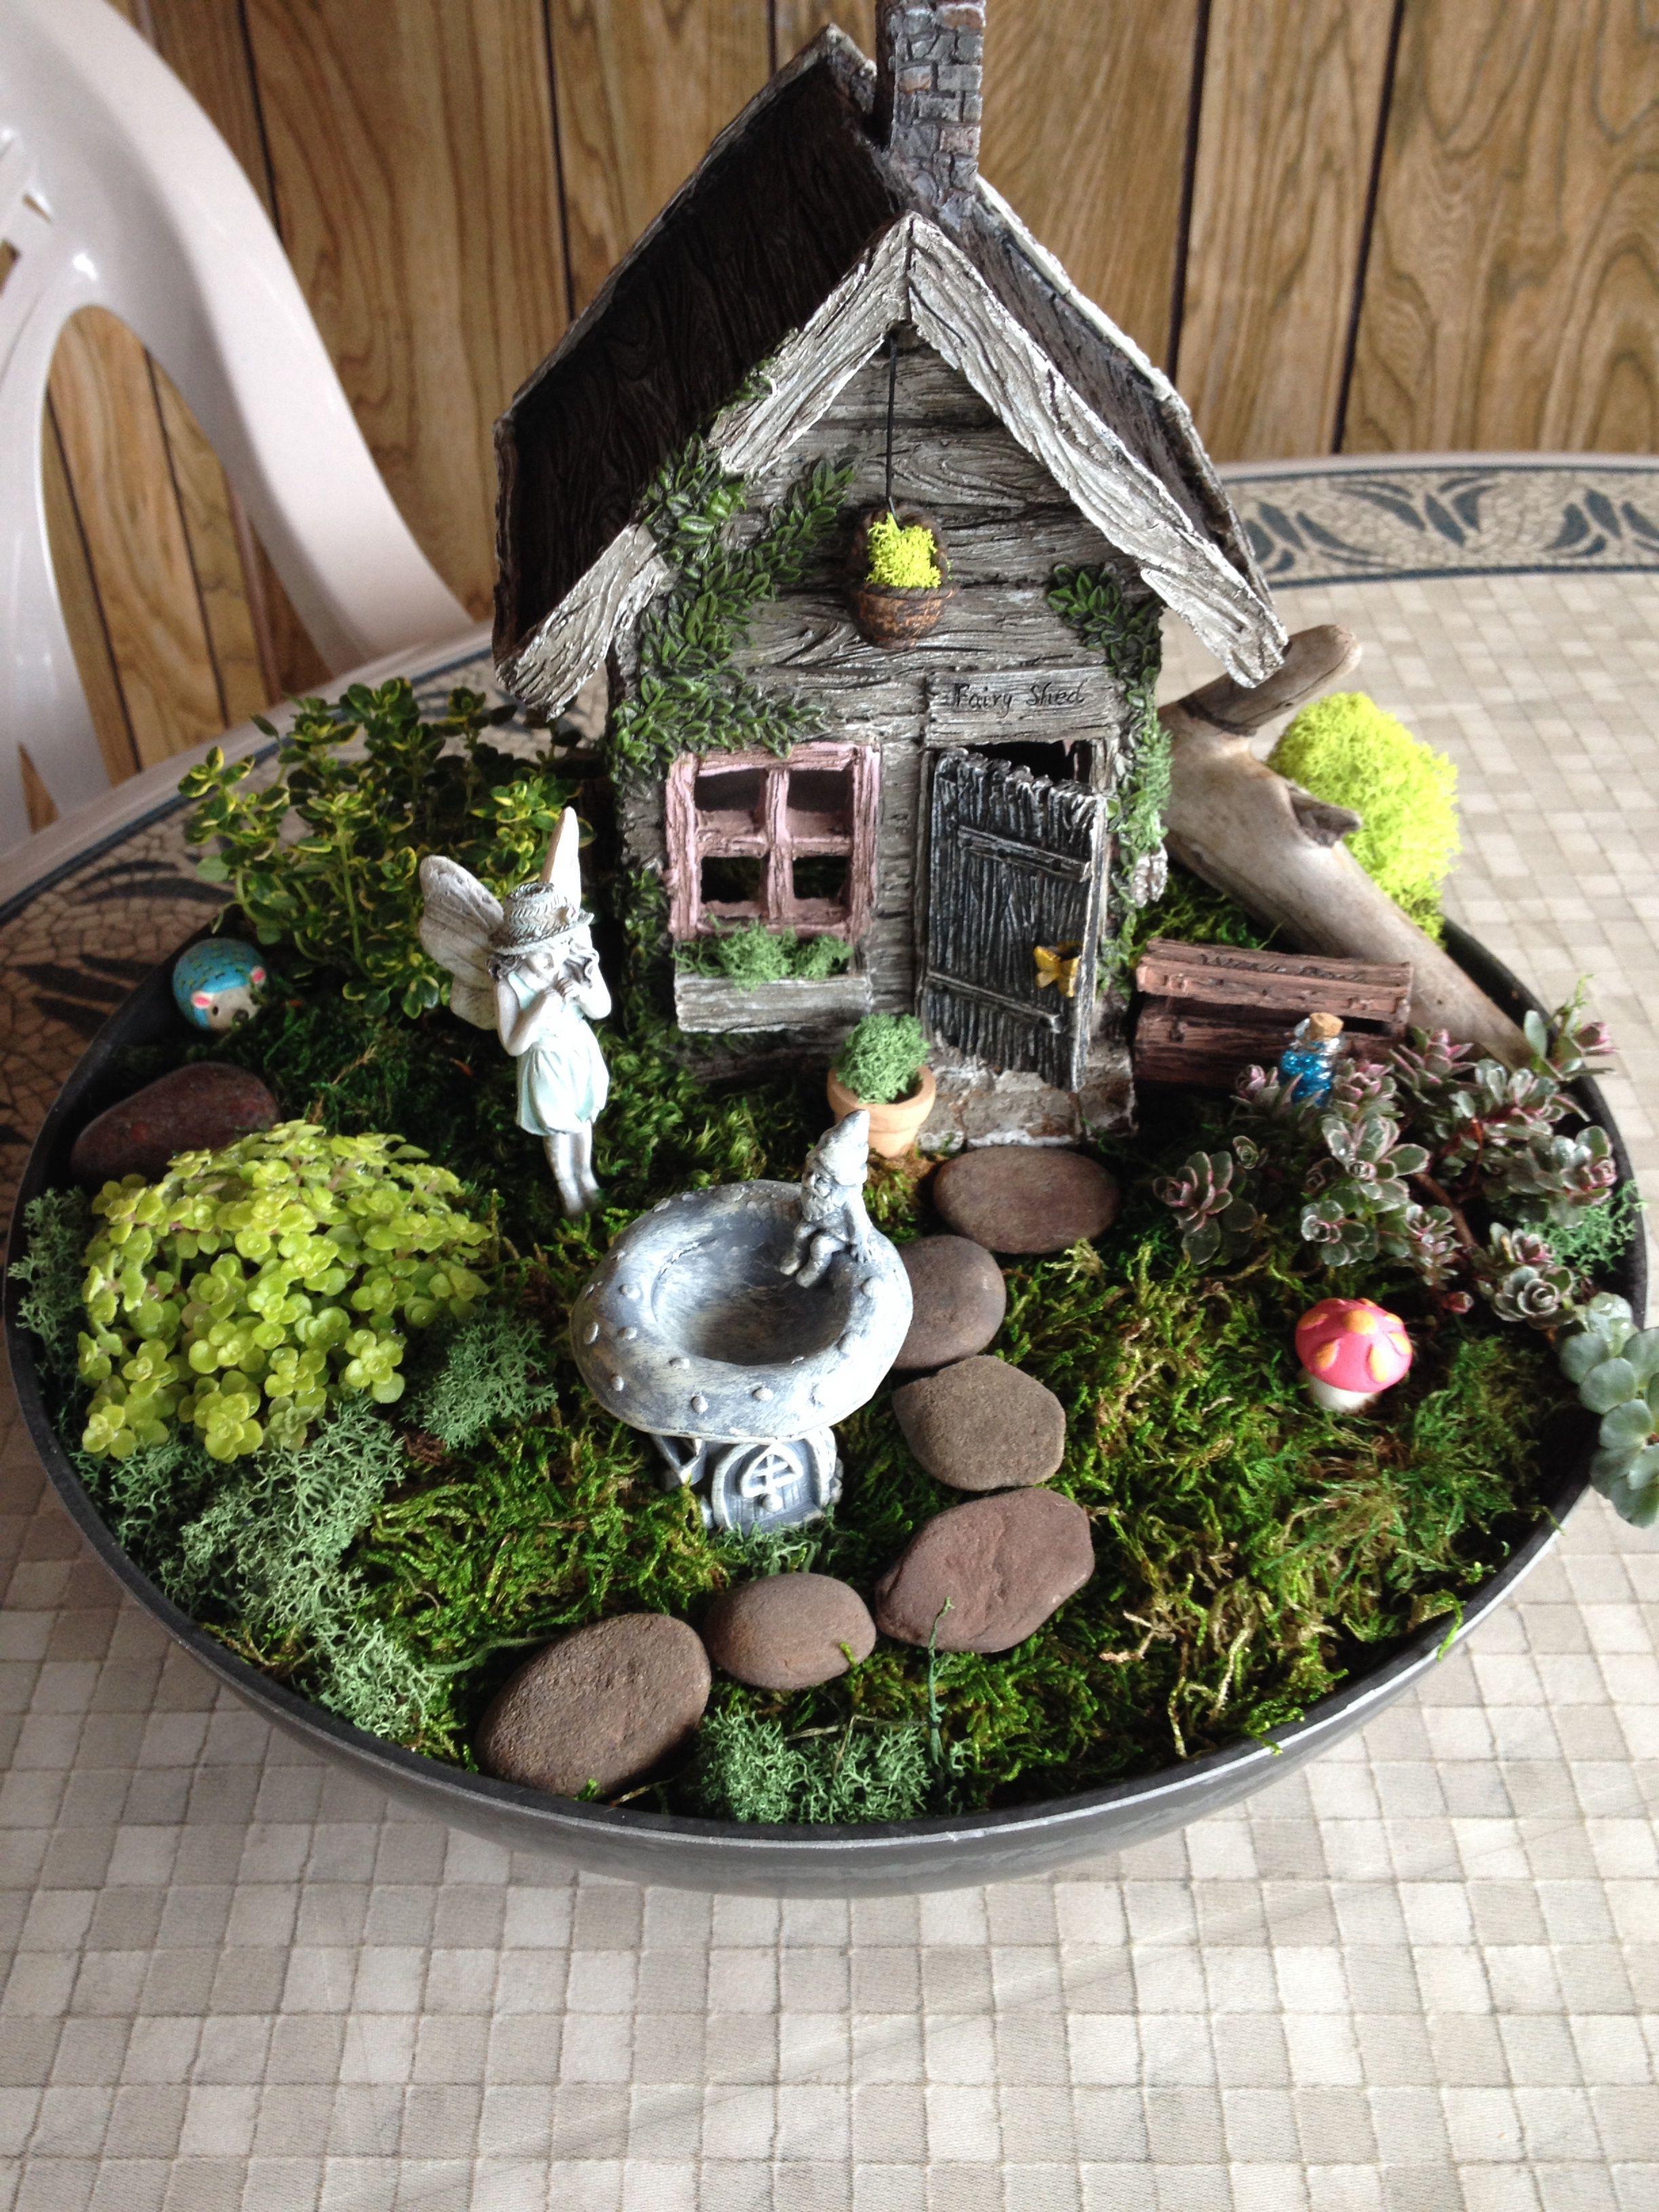 Mother daughter fairy garden creation :) #fairy #fairygarden